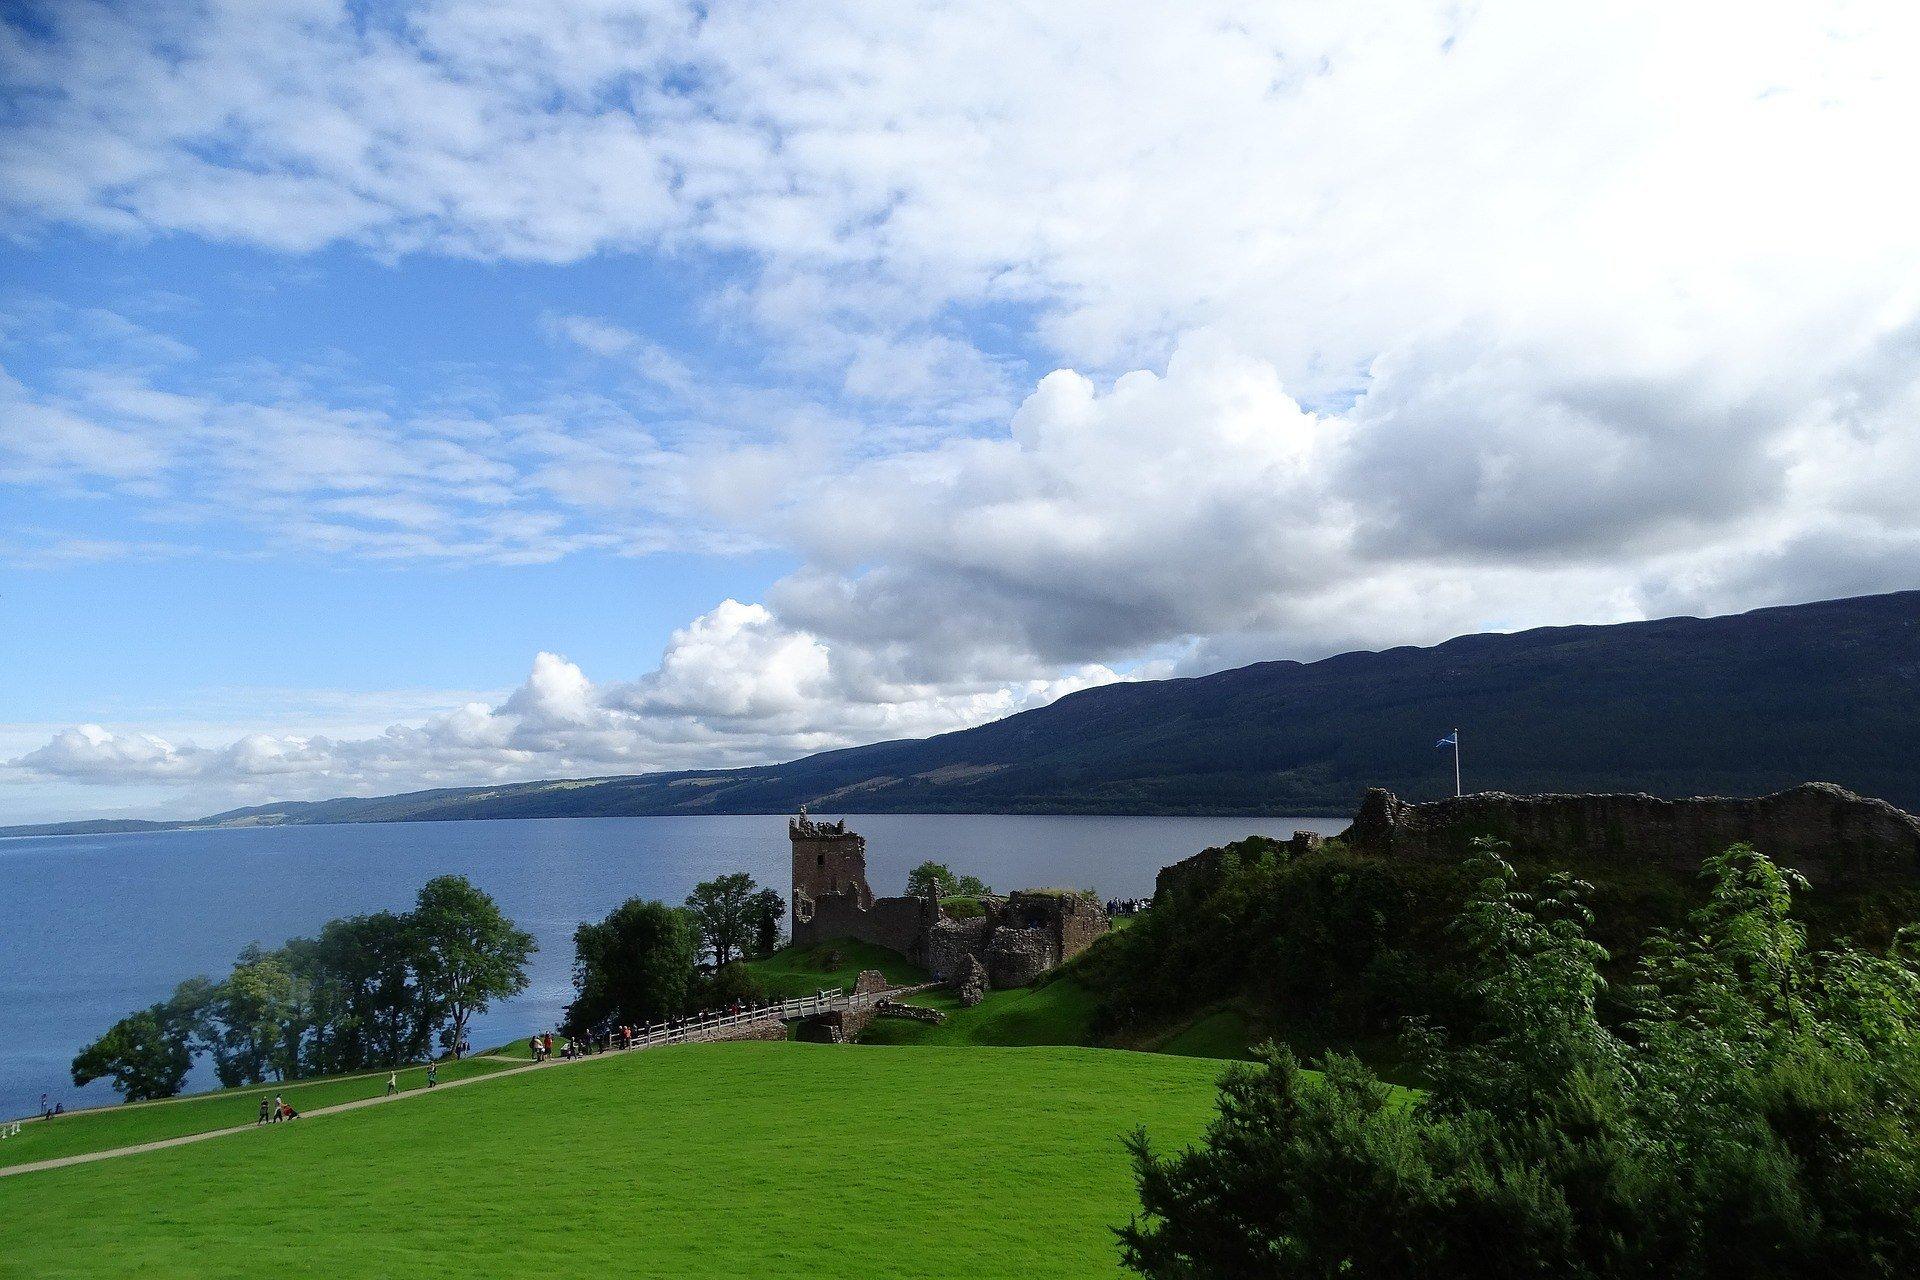 Dalneigh, Inverness